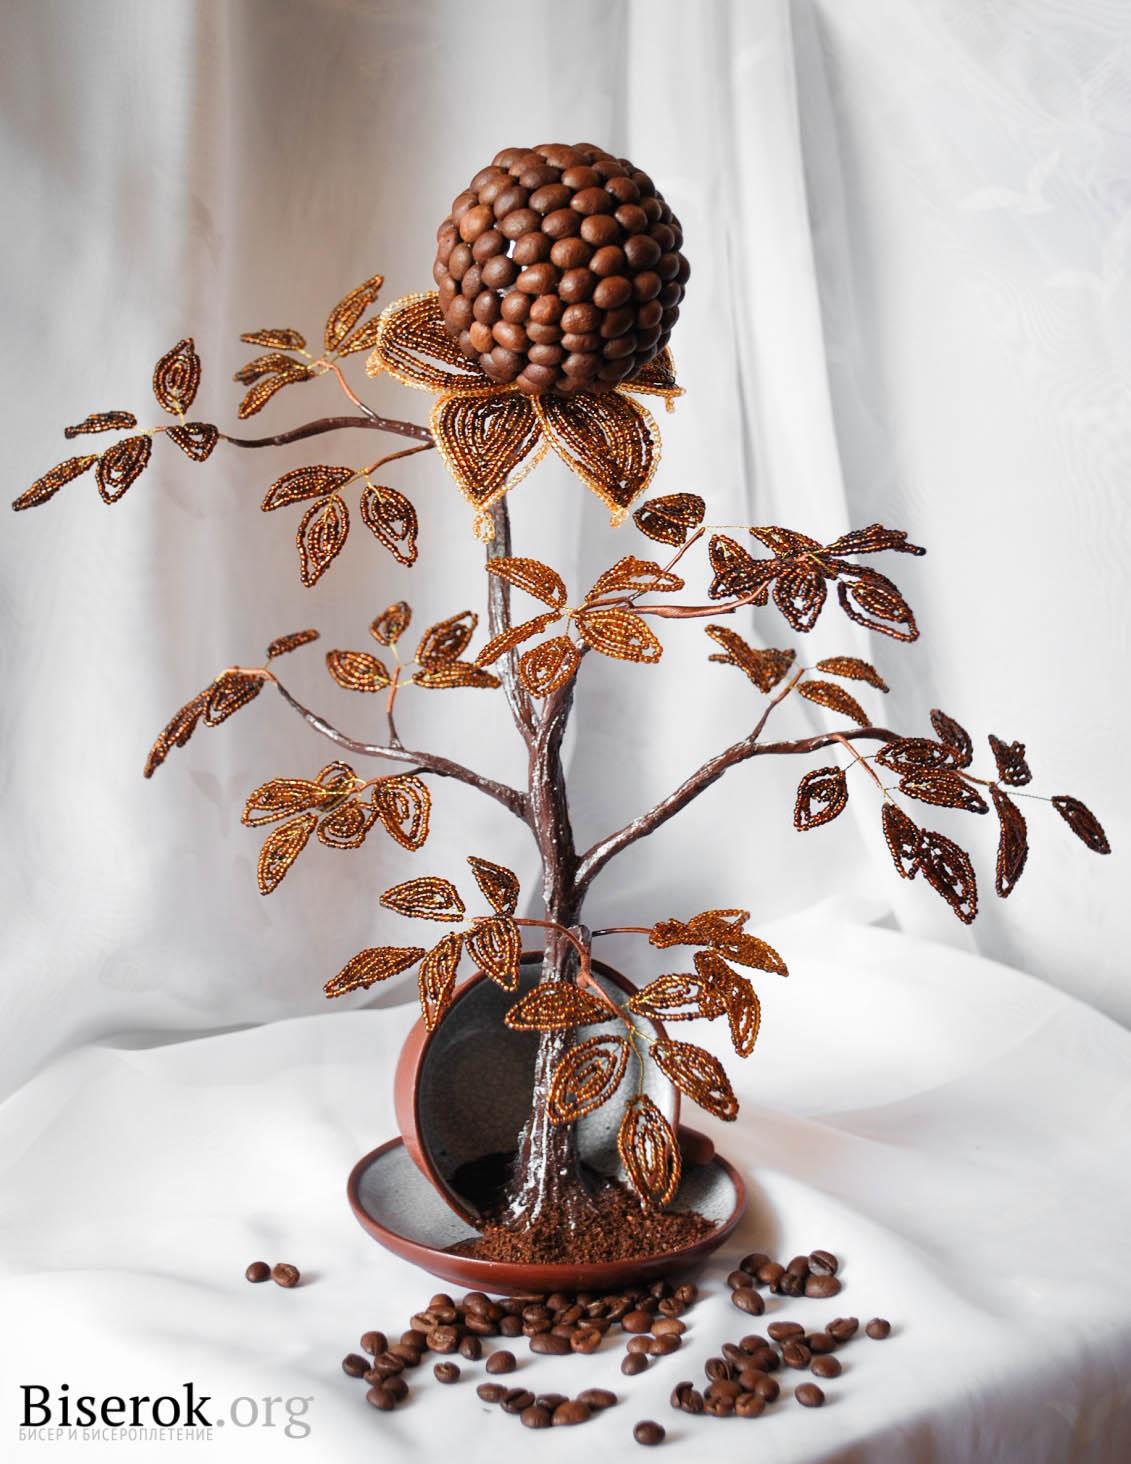 своими руками из цветы зерен кофе